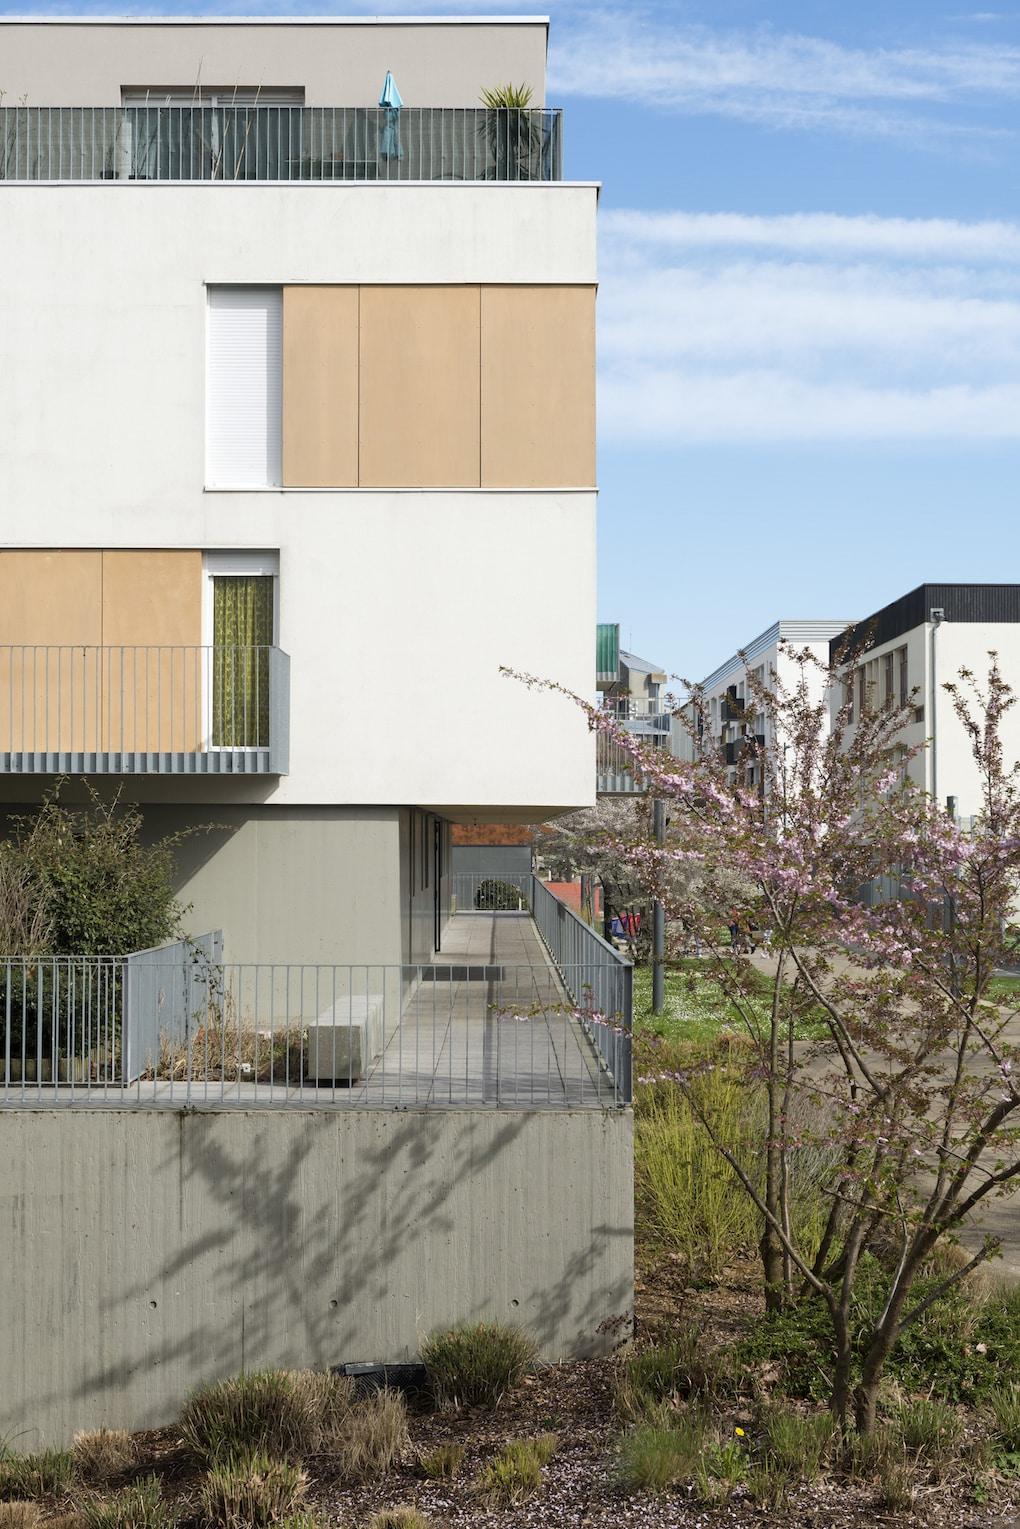 Vue 6 1 - 2 immeubles de 16 logements collectifs - Hérouville-Saint-Clair